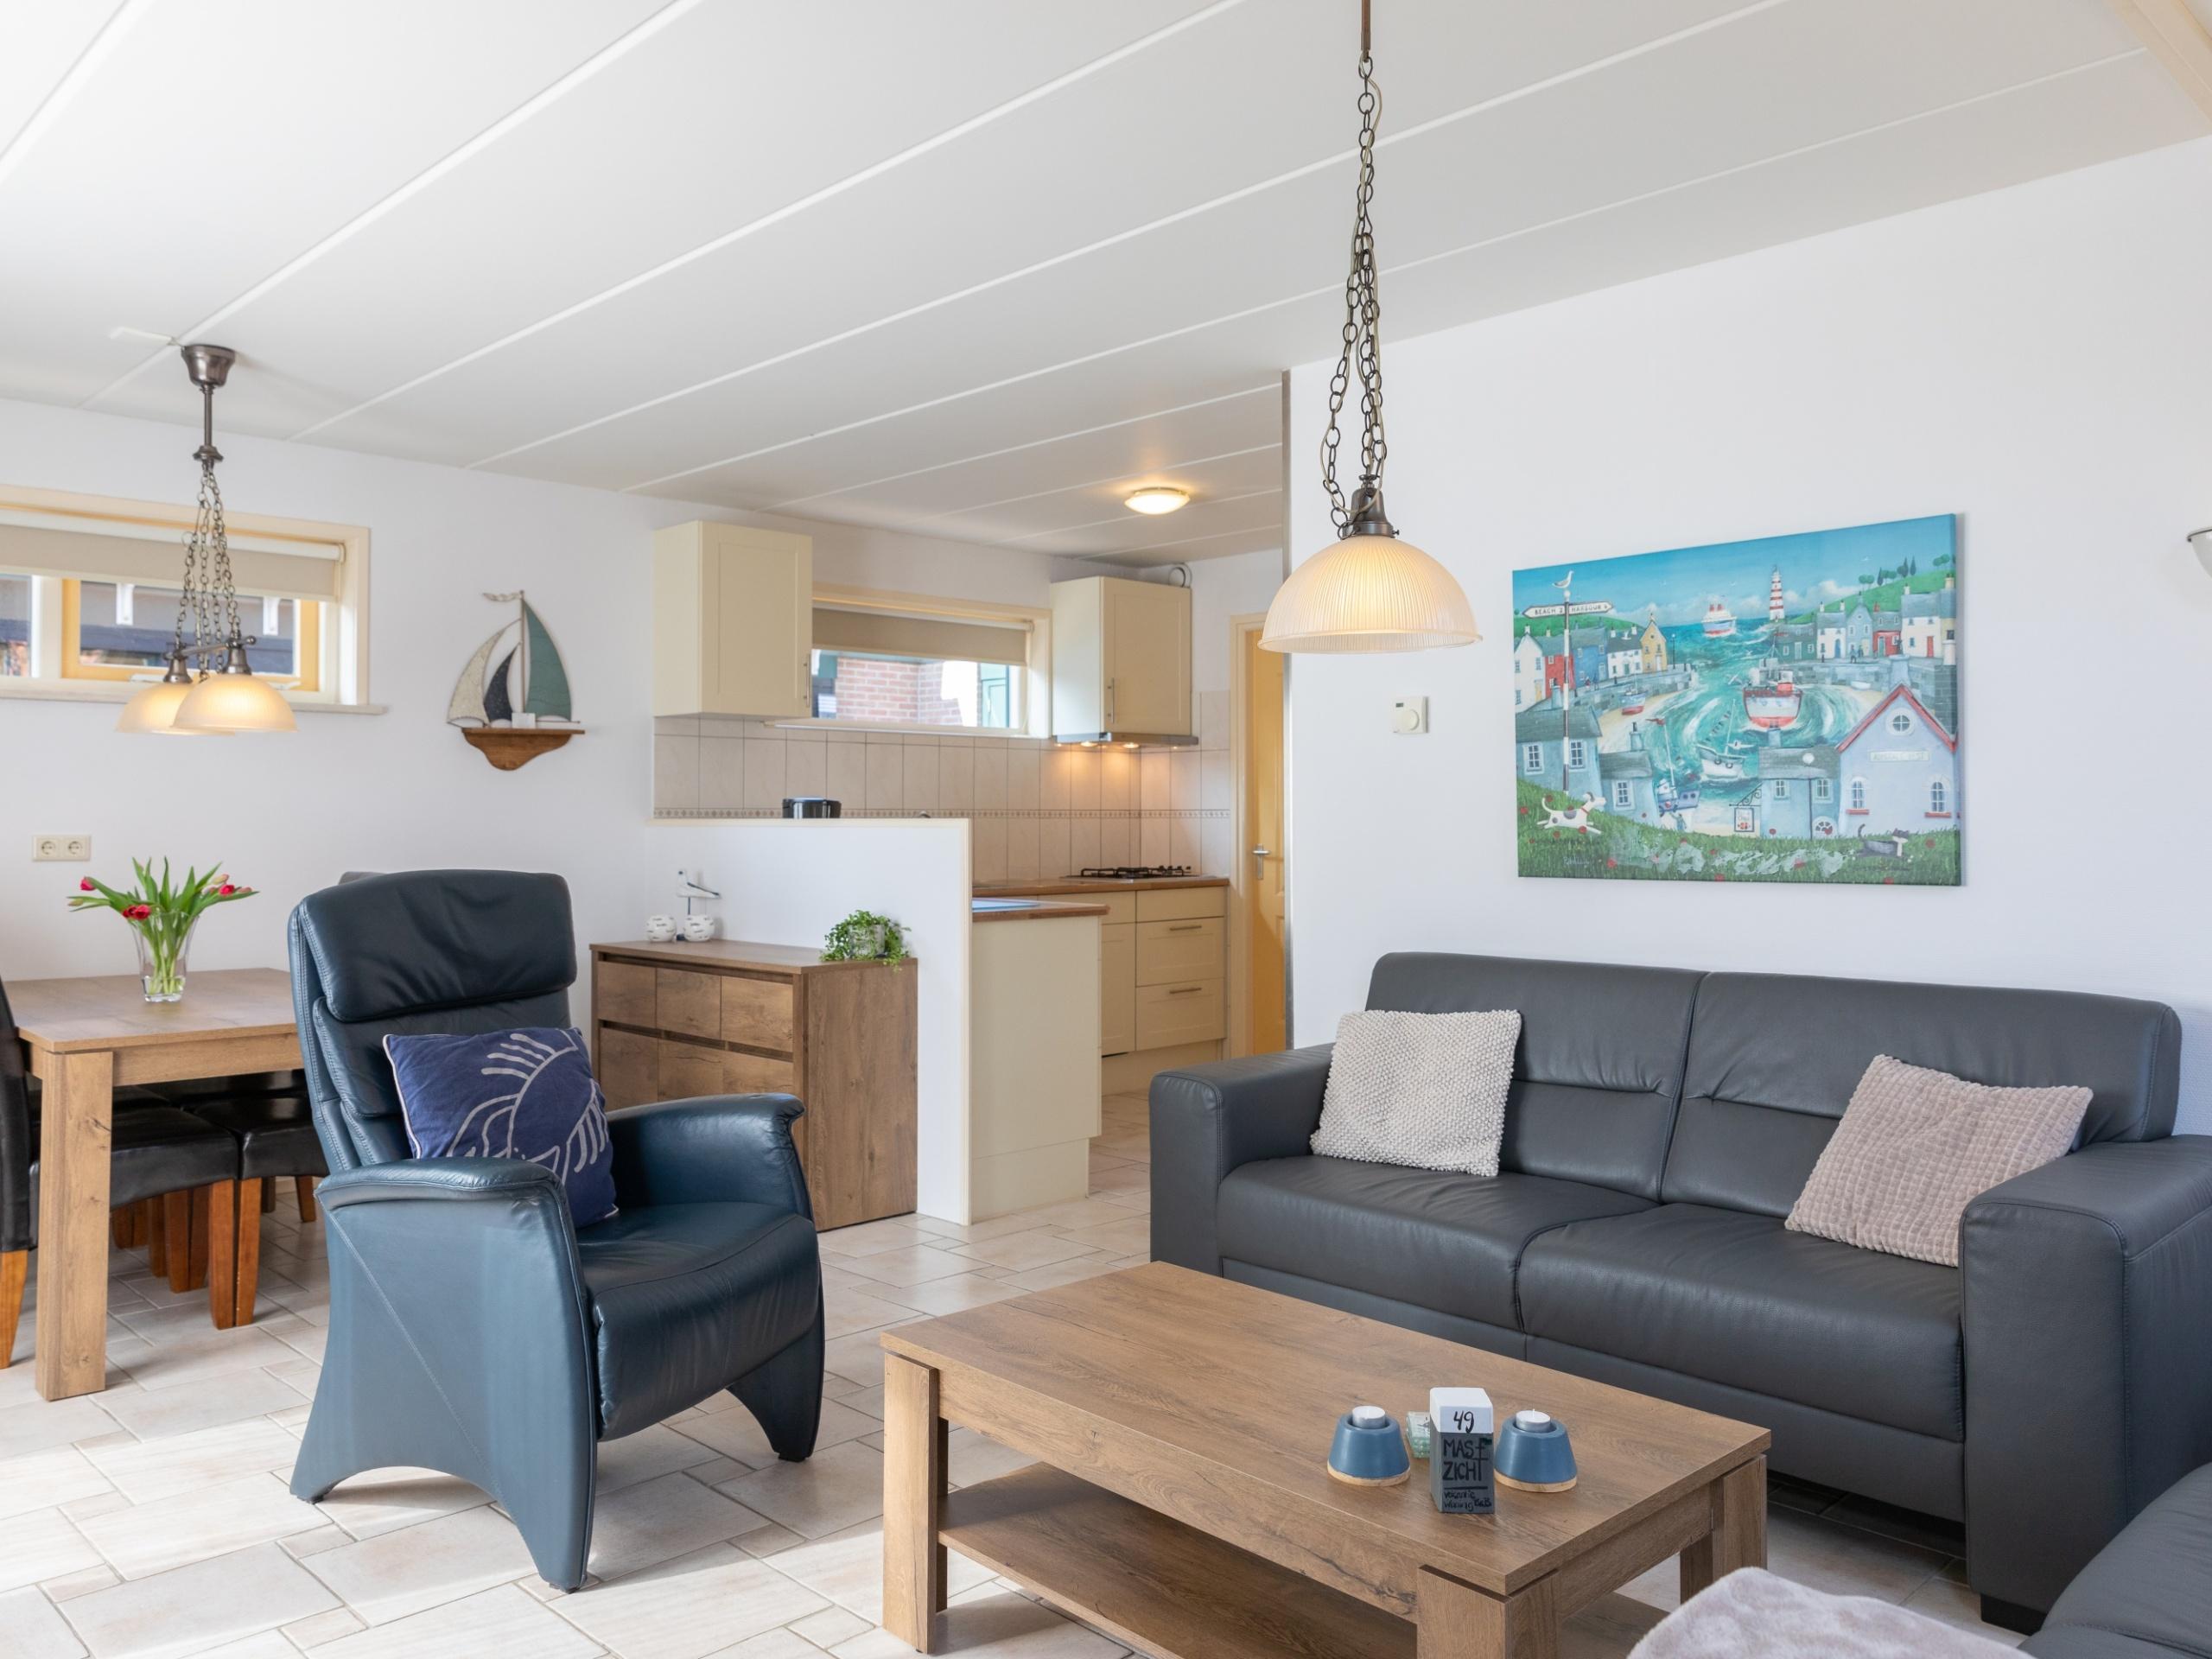 Sfeervol vakantiehuis vlakbij de Waddenzee en de haven van Oudeschild